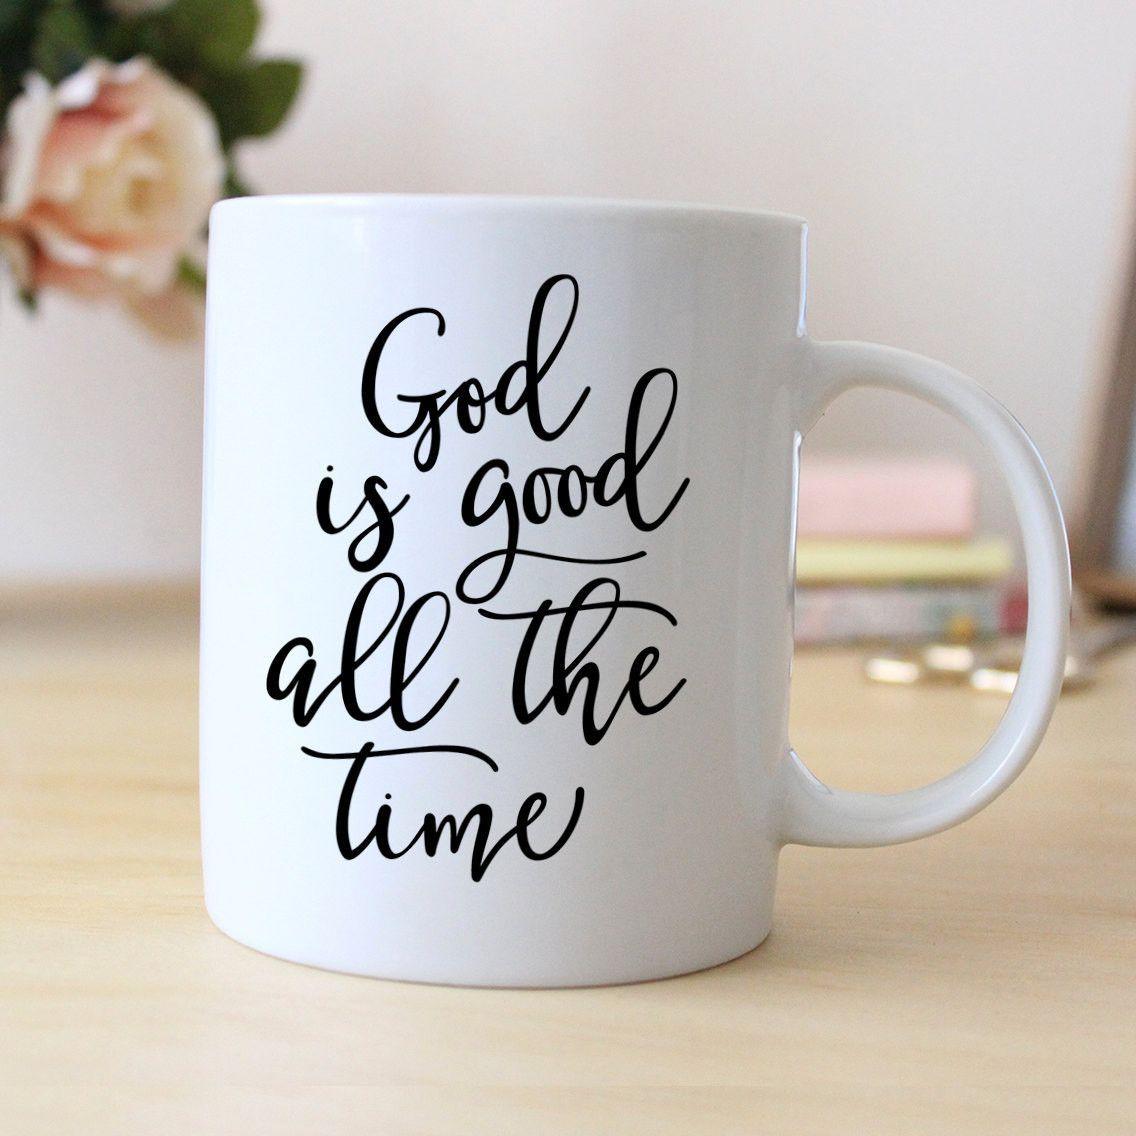 The Mug Coffee >> God Is Good All The Time Mug Coffee Mug Tea Mug